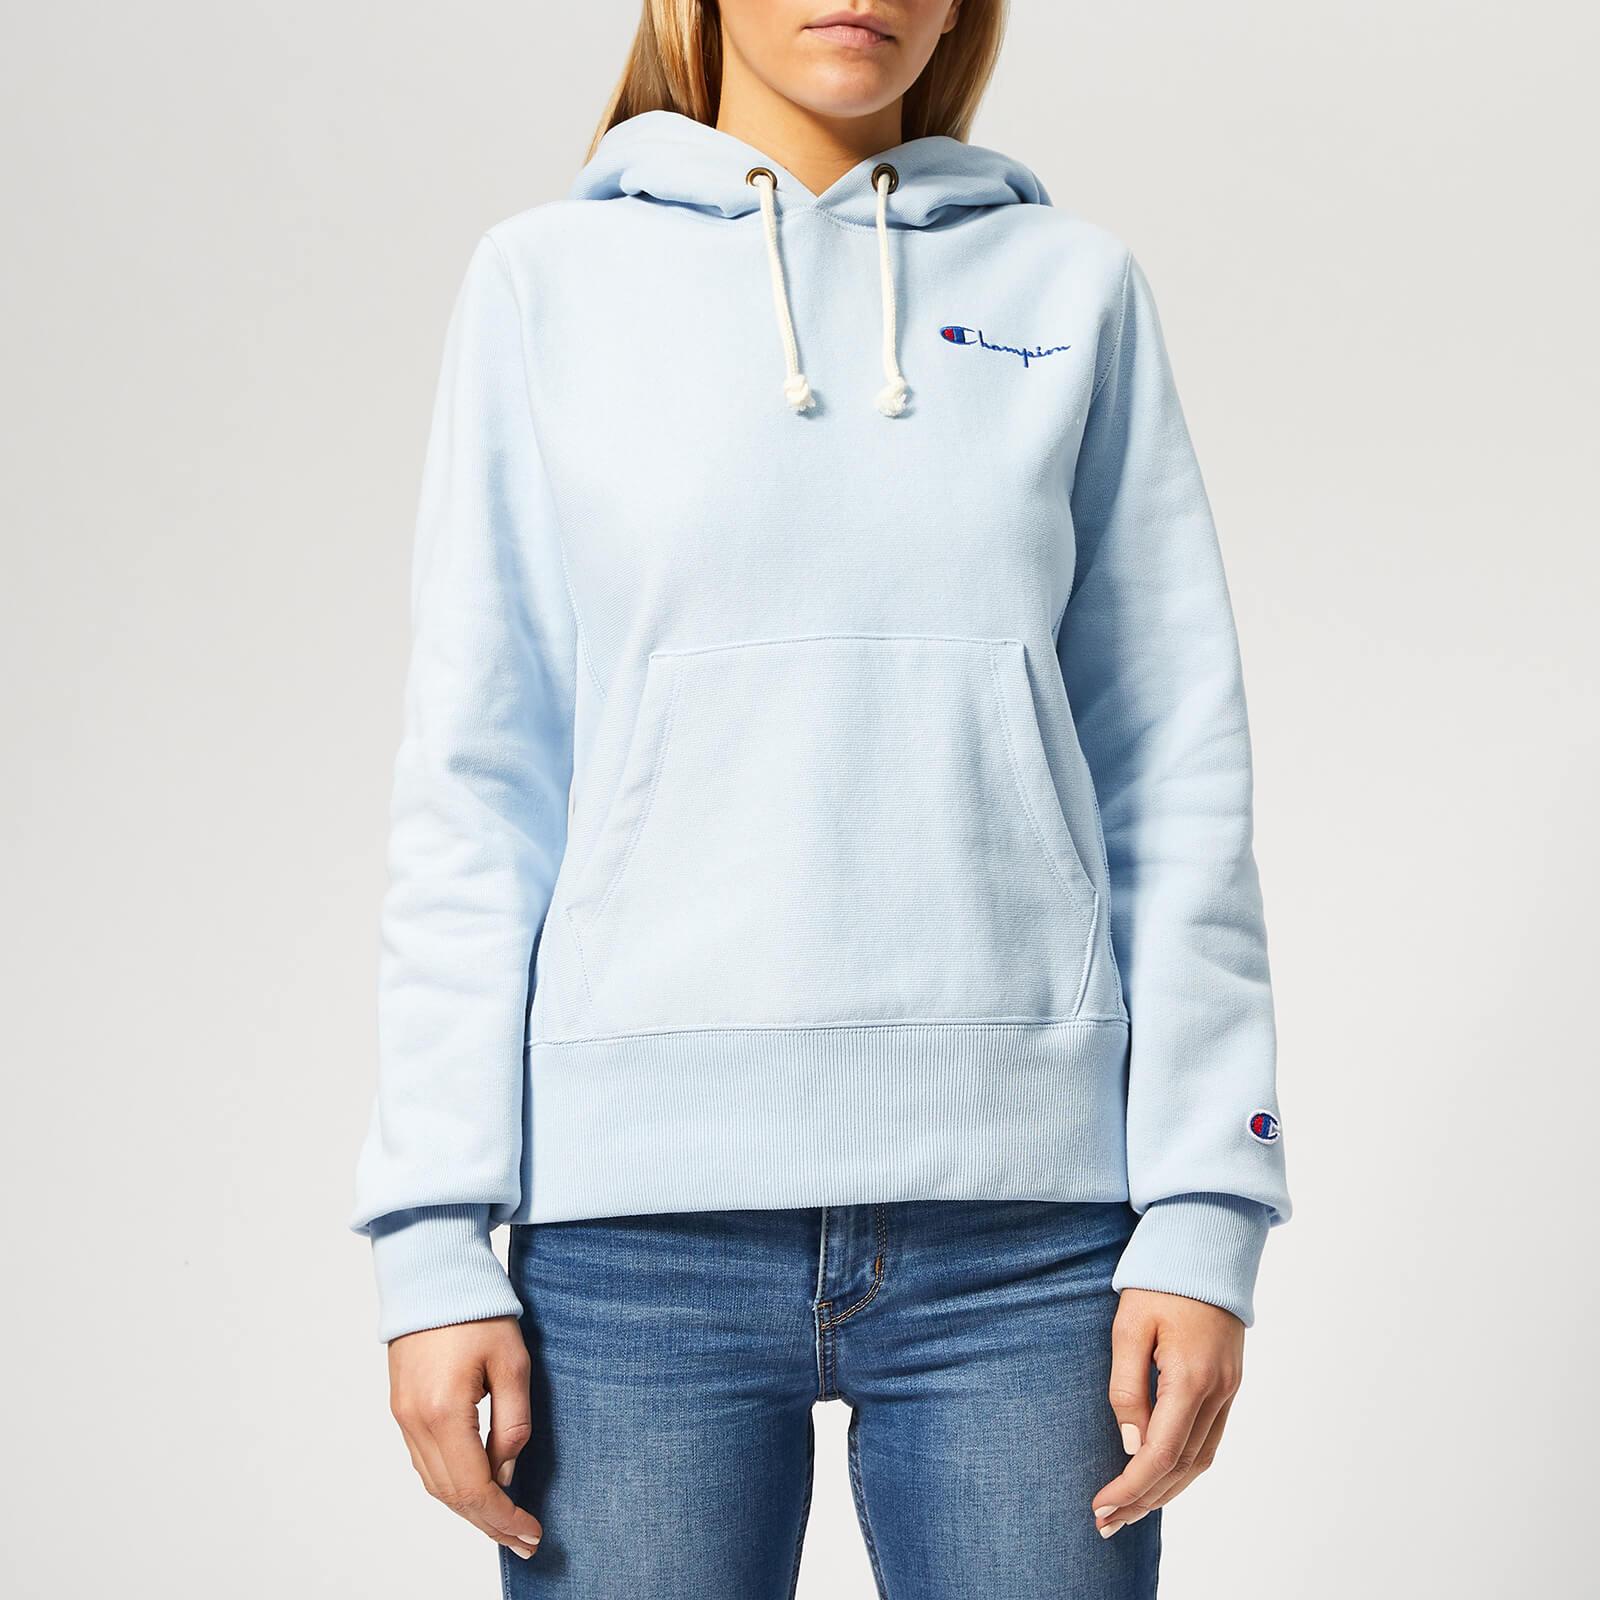 c0c91d1d Champion Sweatshirt Sale Uk